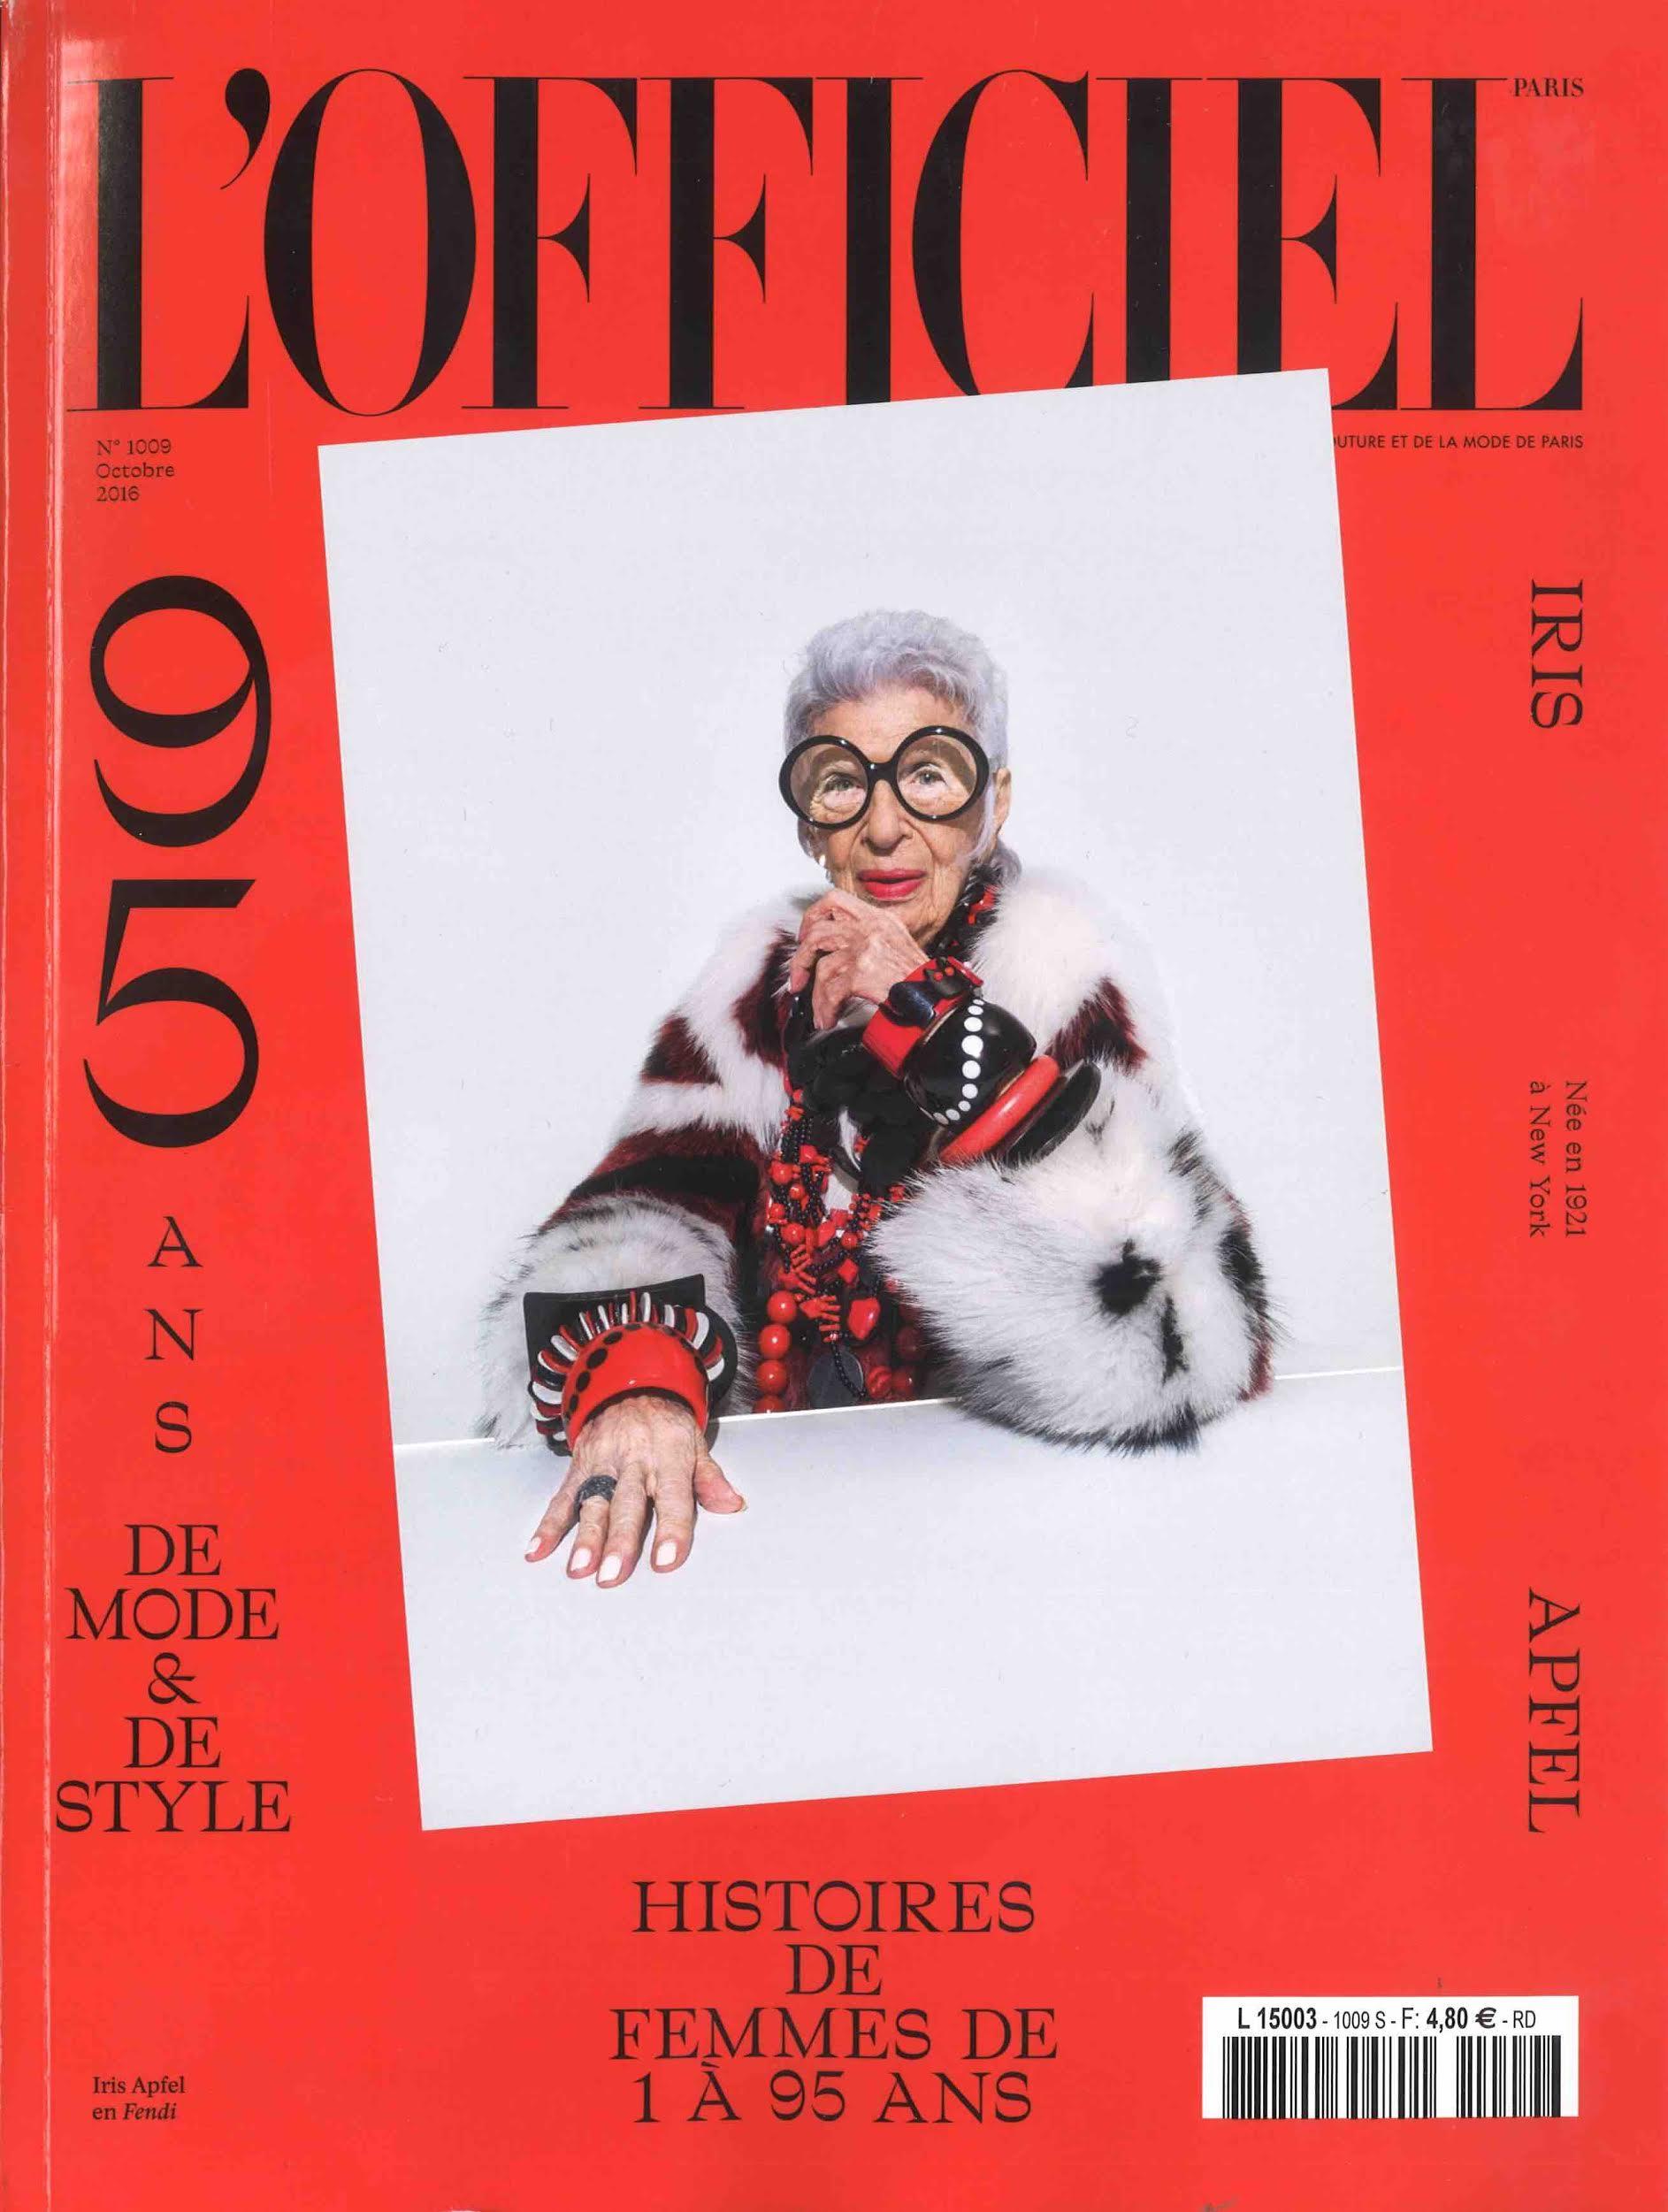 L'Officiel France Cover